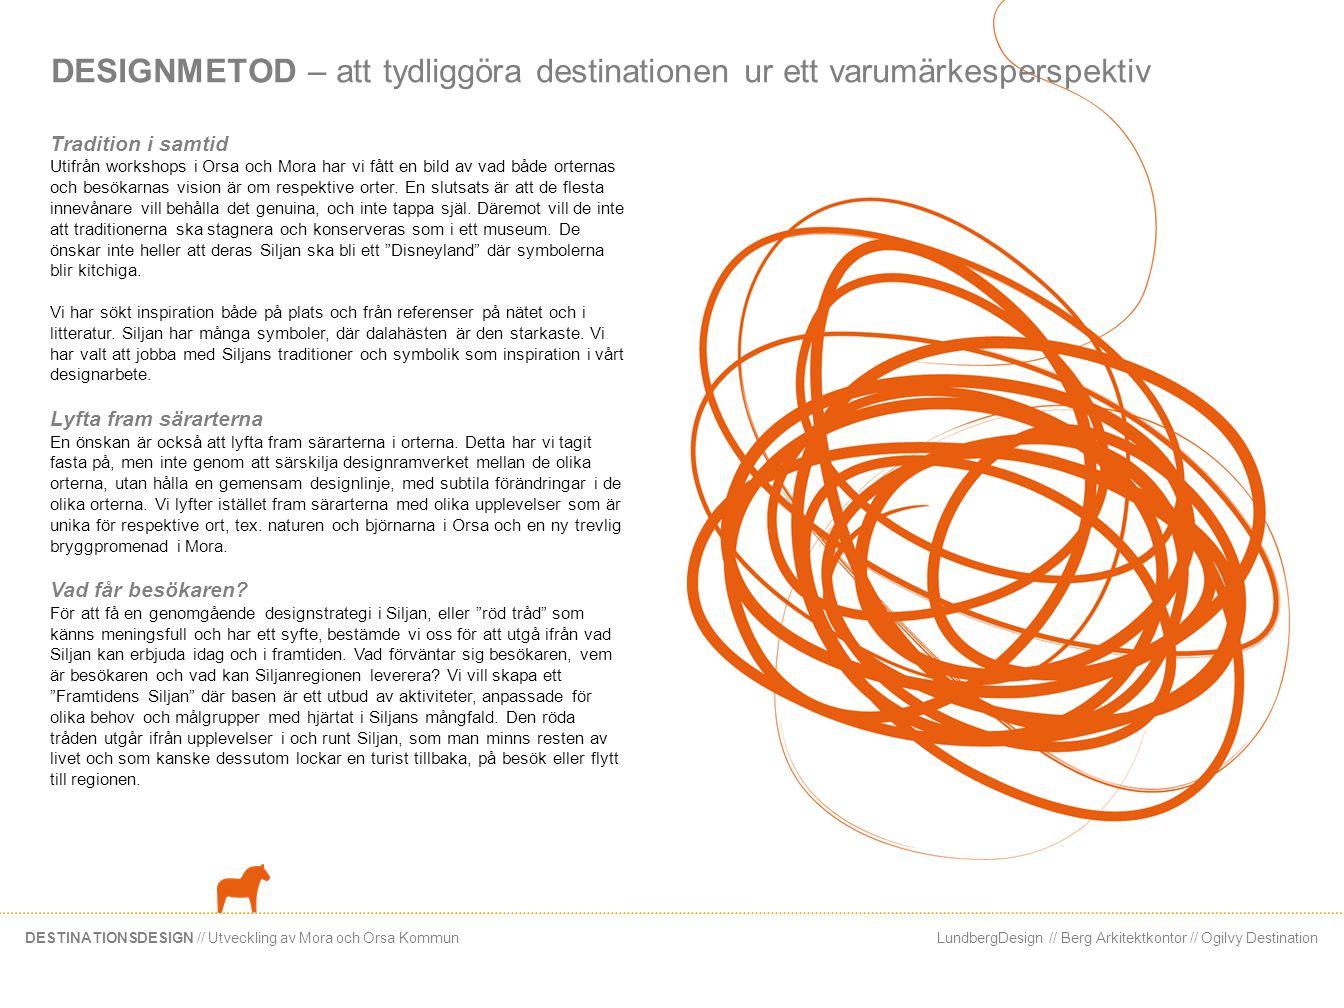 LundbergDesign // Berg Arkitektkontor // Ogilvy DestinationDESTINATIONSDESIGN // Utveckling av Mora och Orsa Kommun RESEARCH & INSPIRATION Natur Siljan